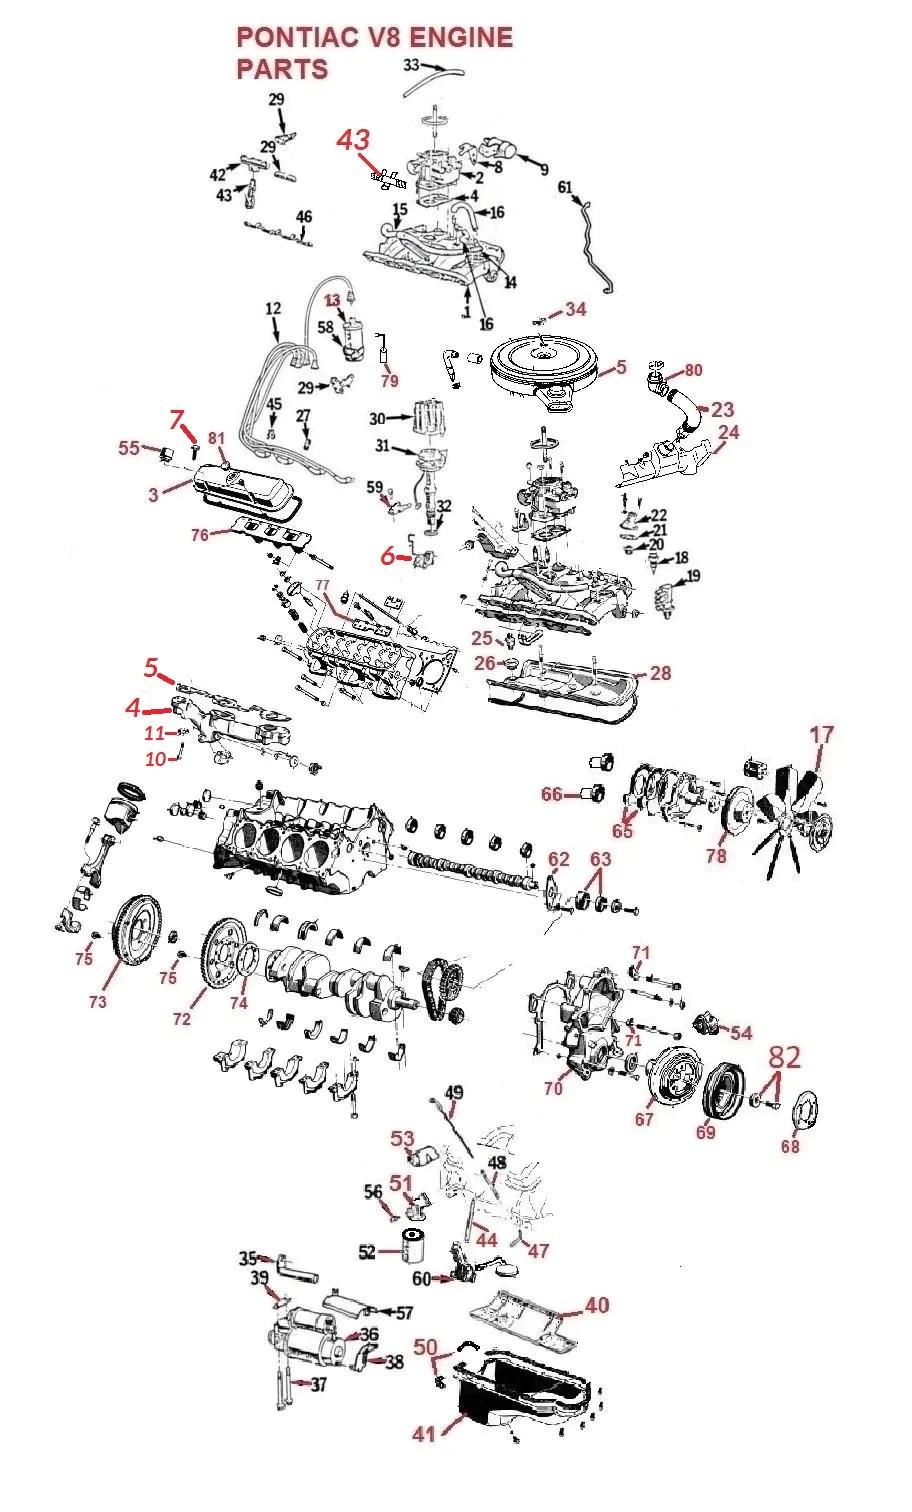 small resolution of 67 72 pontiac v8 engine parts